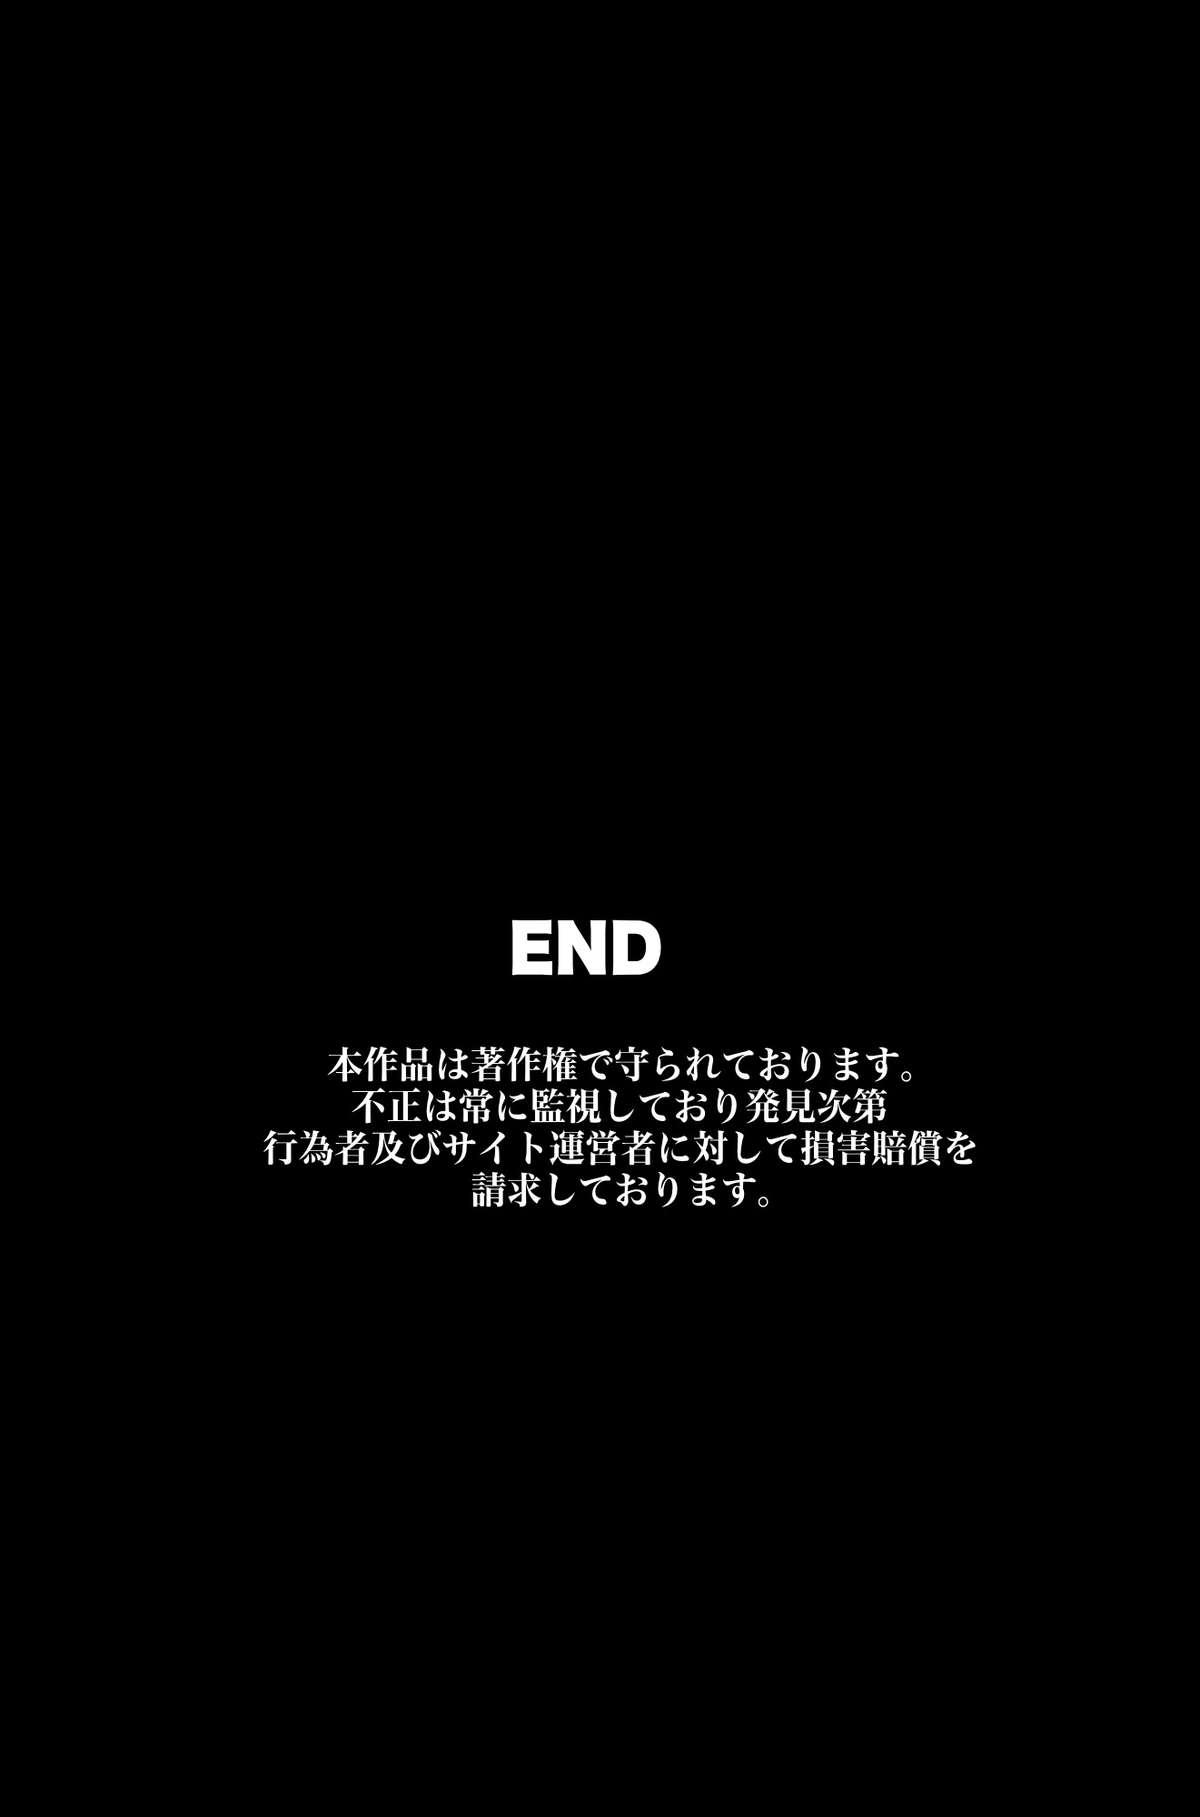 [rbooks (kumikouj)] Joshiryou no Onna-tachi ga Zombie-ka shita no de Hokaku shite Okashimakutte Ore dake no Juujun Pet ni Shite mita 63